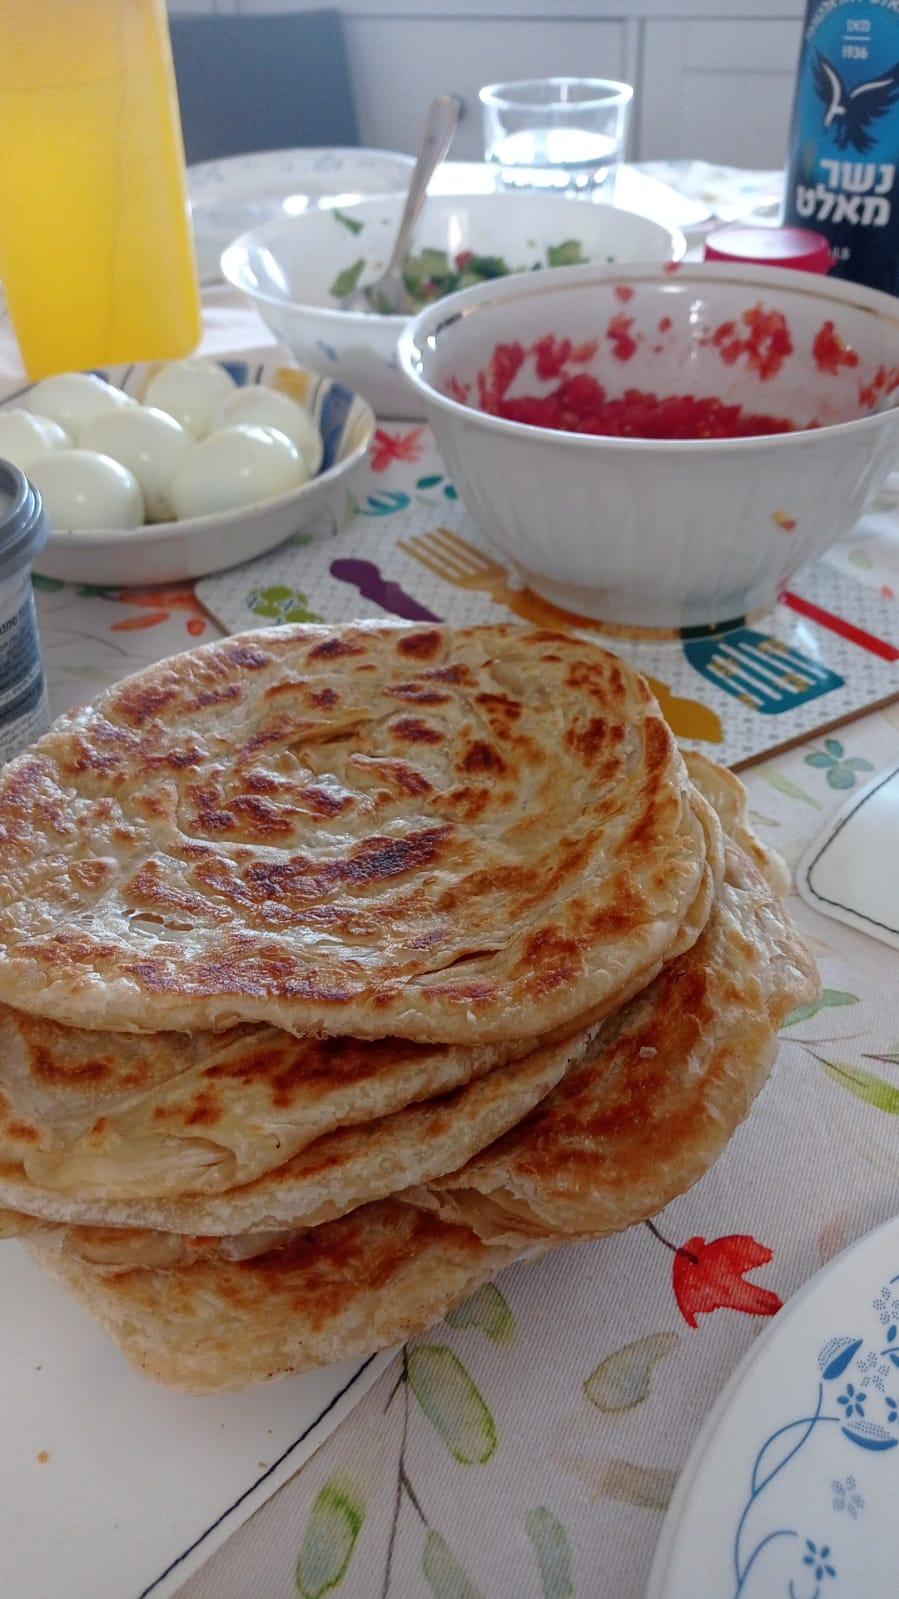 מלוואח מעולה וטעים. קיבל מחמאות מלאות. טעים ובעיקר על טהרת החמאה ולא מרגרינה.